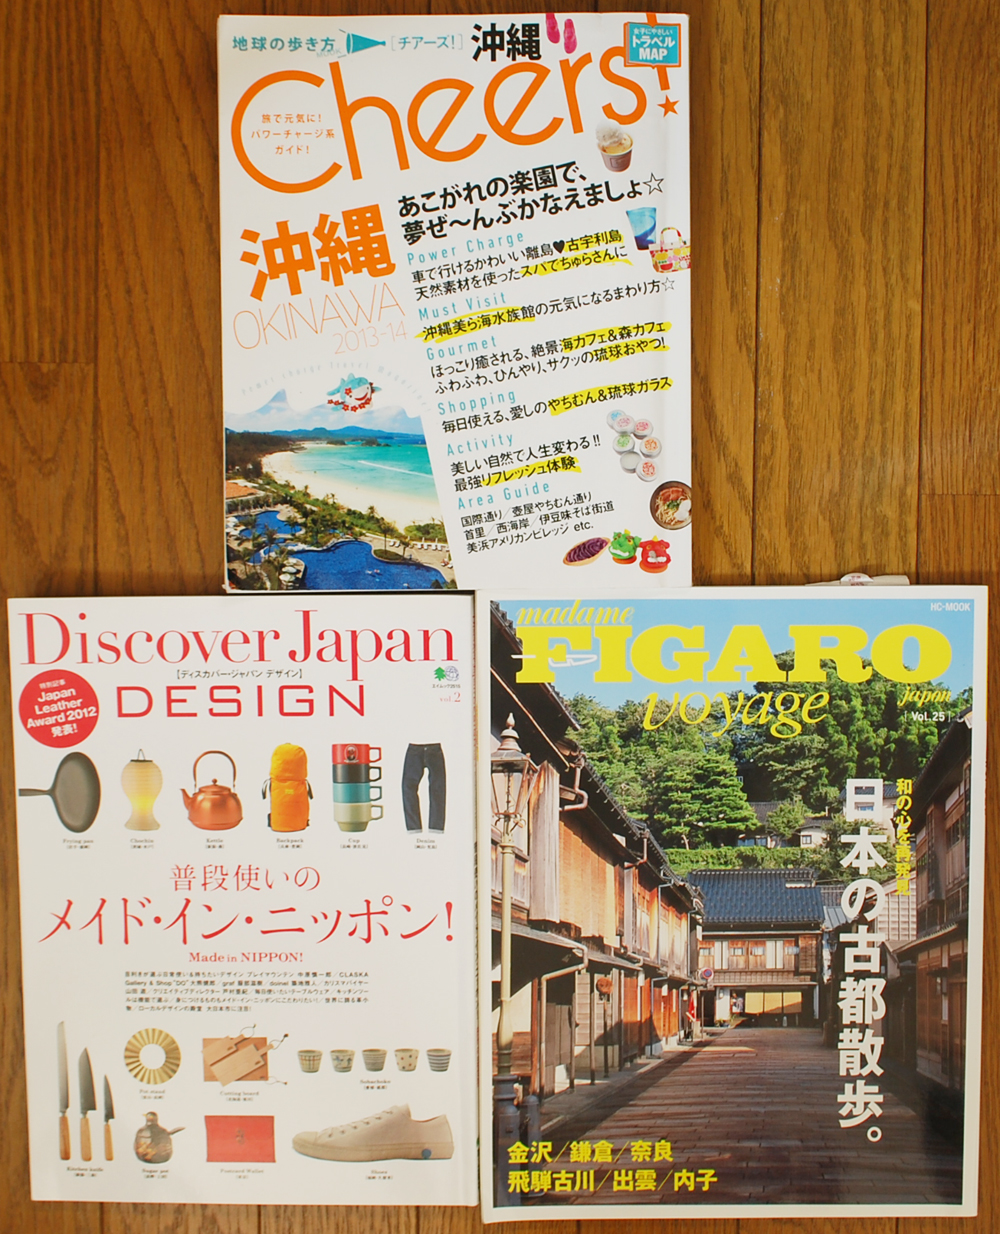 Discover Japan DESIGN、フィガロヴォヤージュなど買取